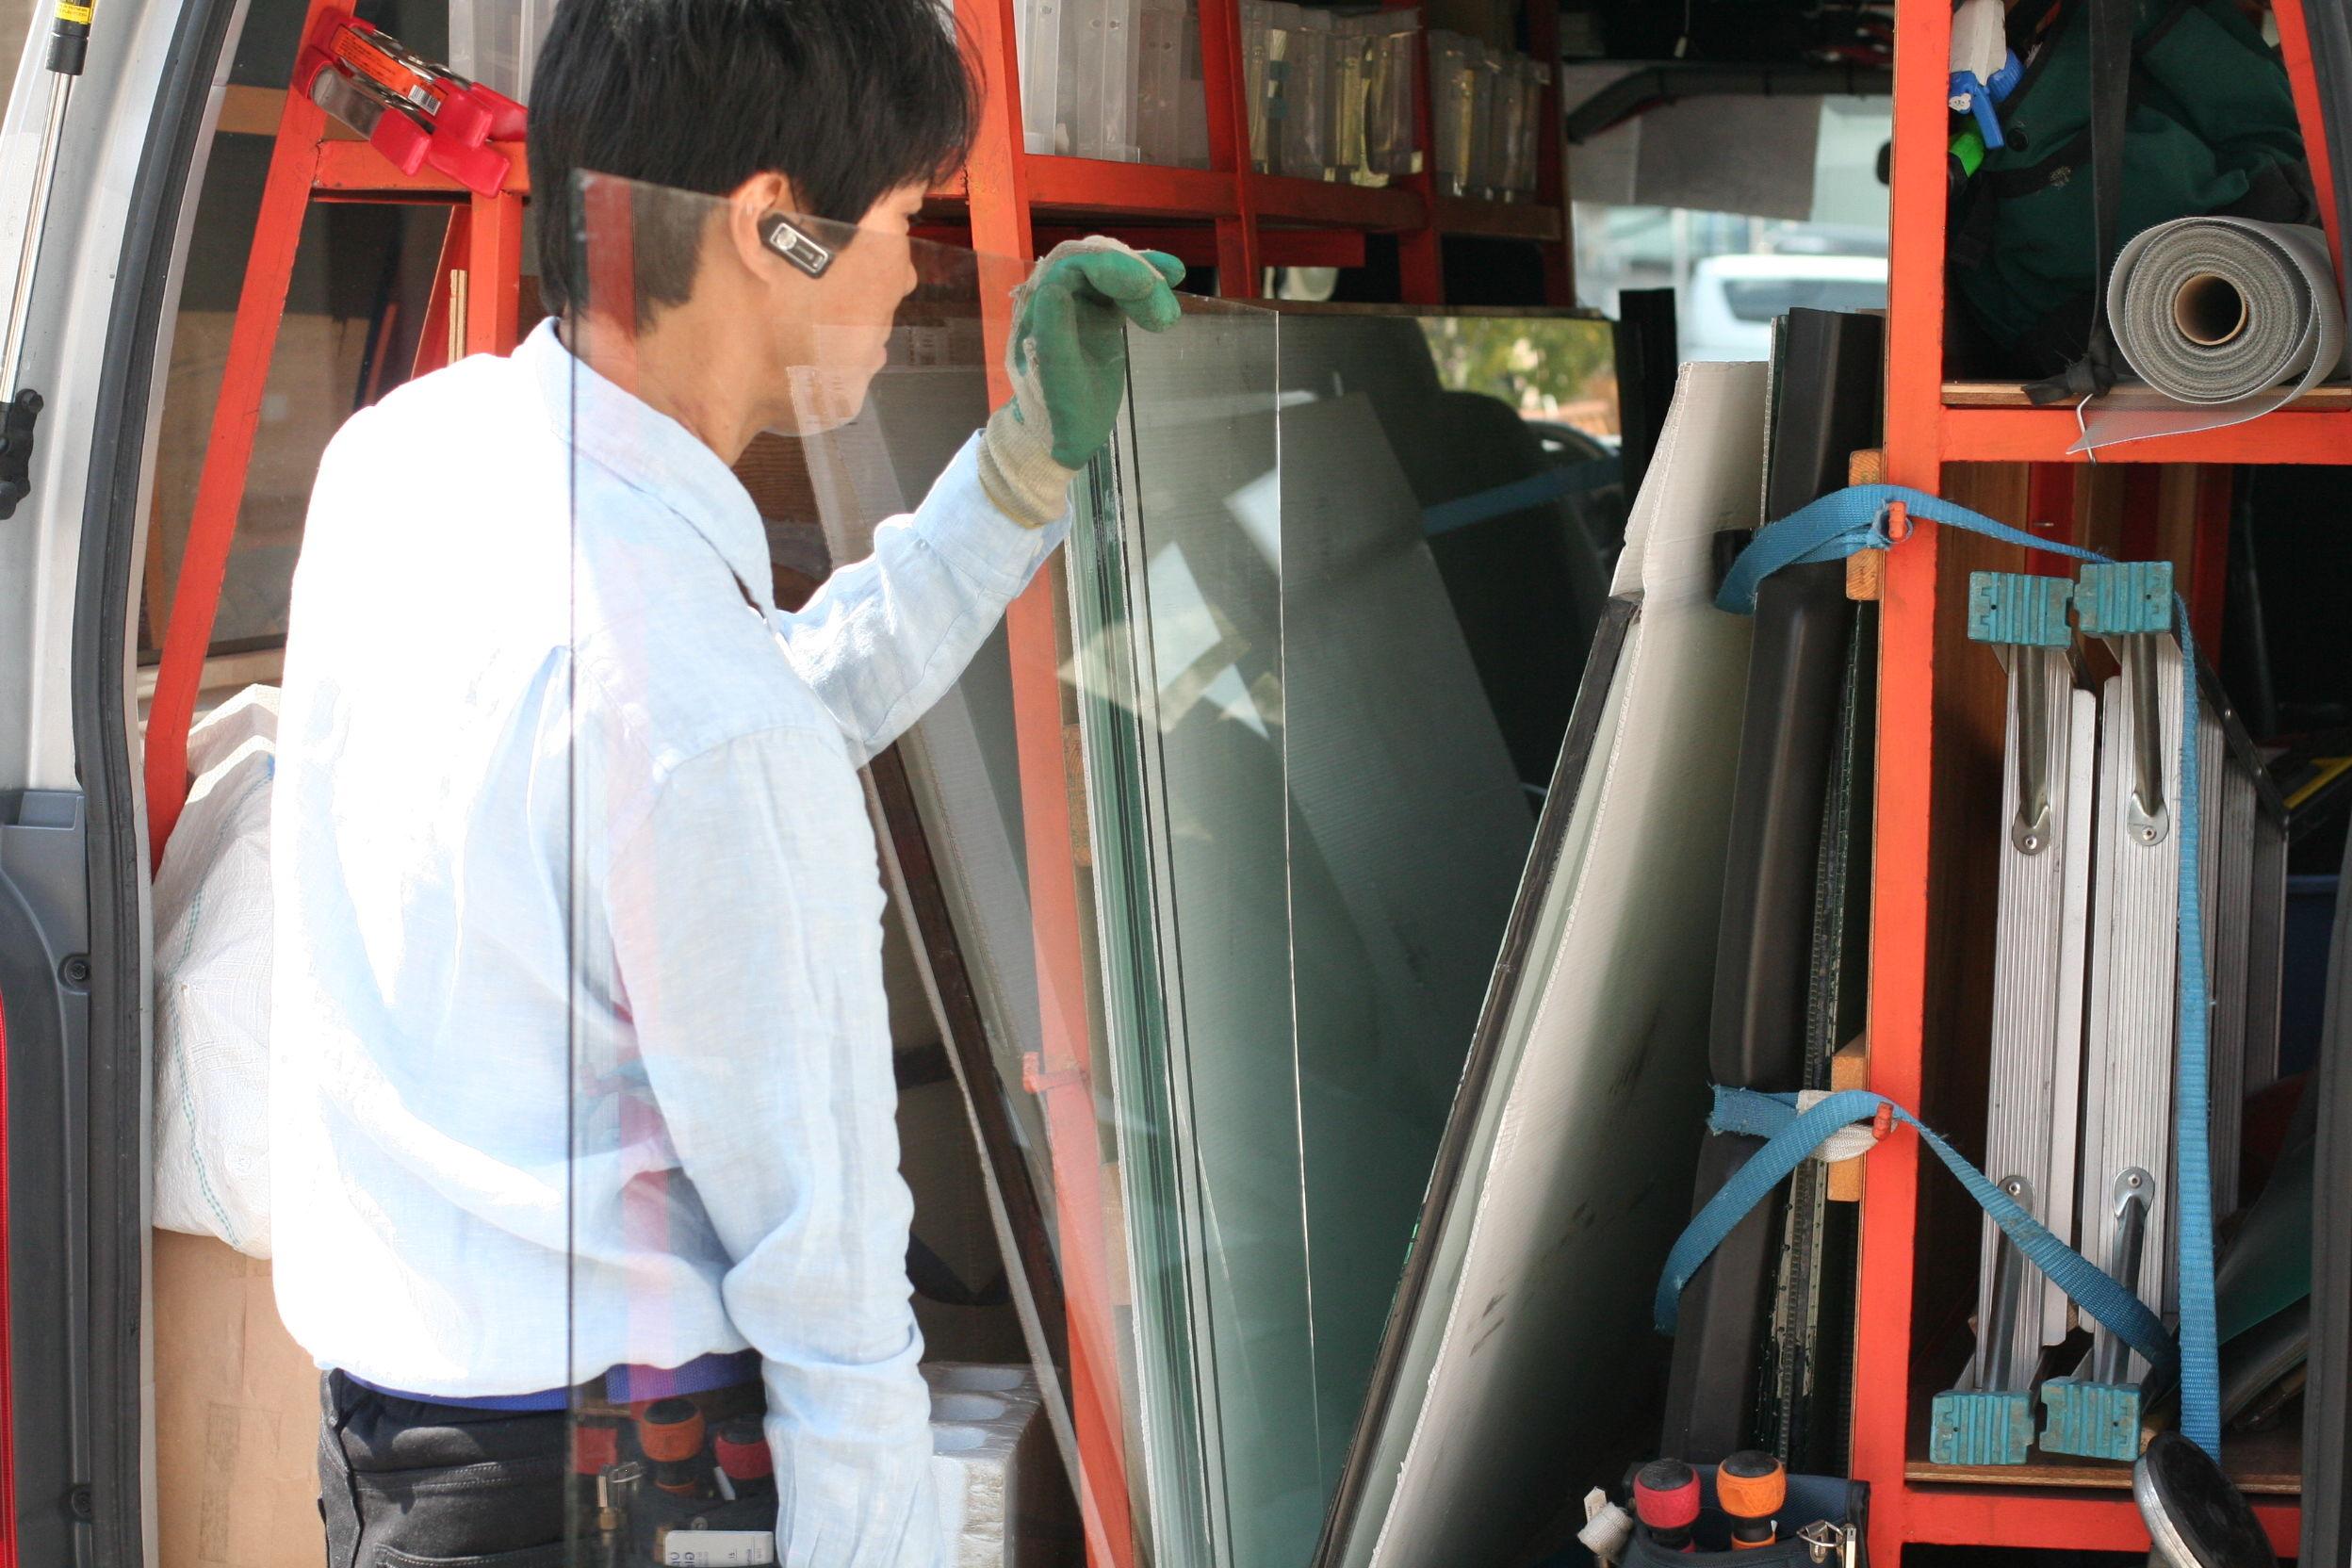 ガラスのトラブル救Q隊.24【京都市山科区 出張エリア】の店内・外観画像2